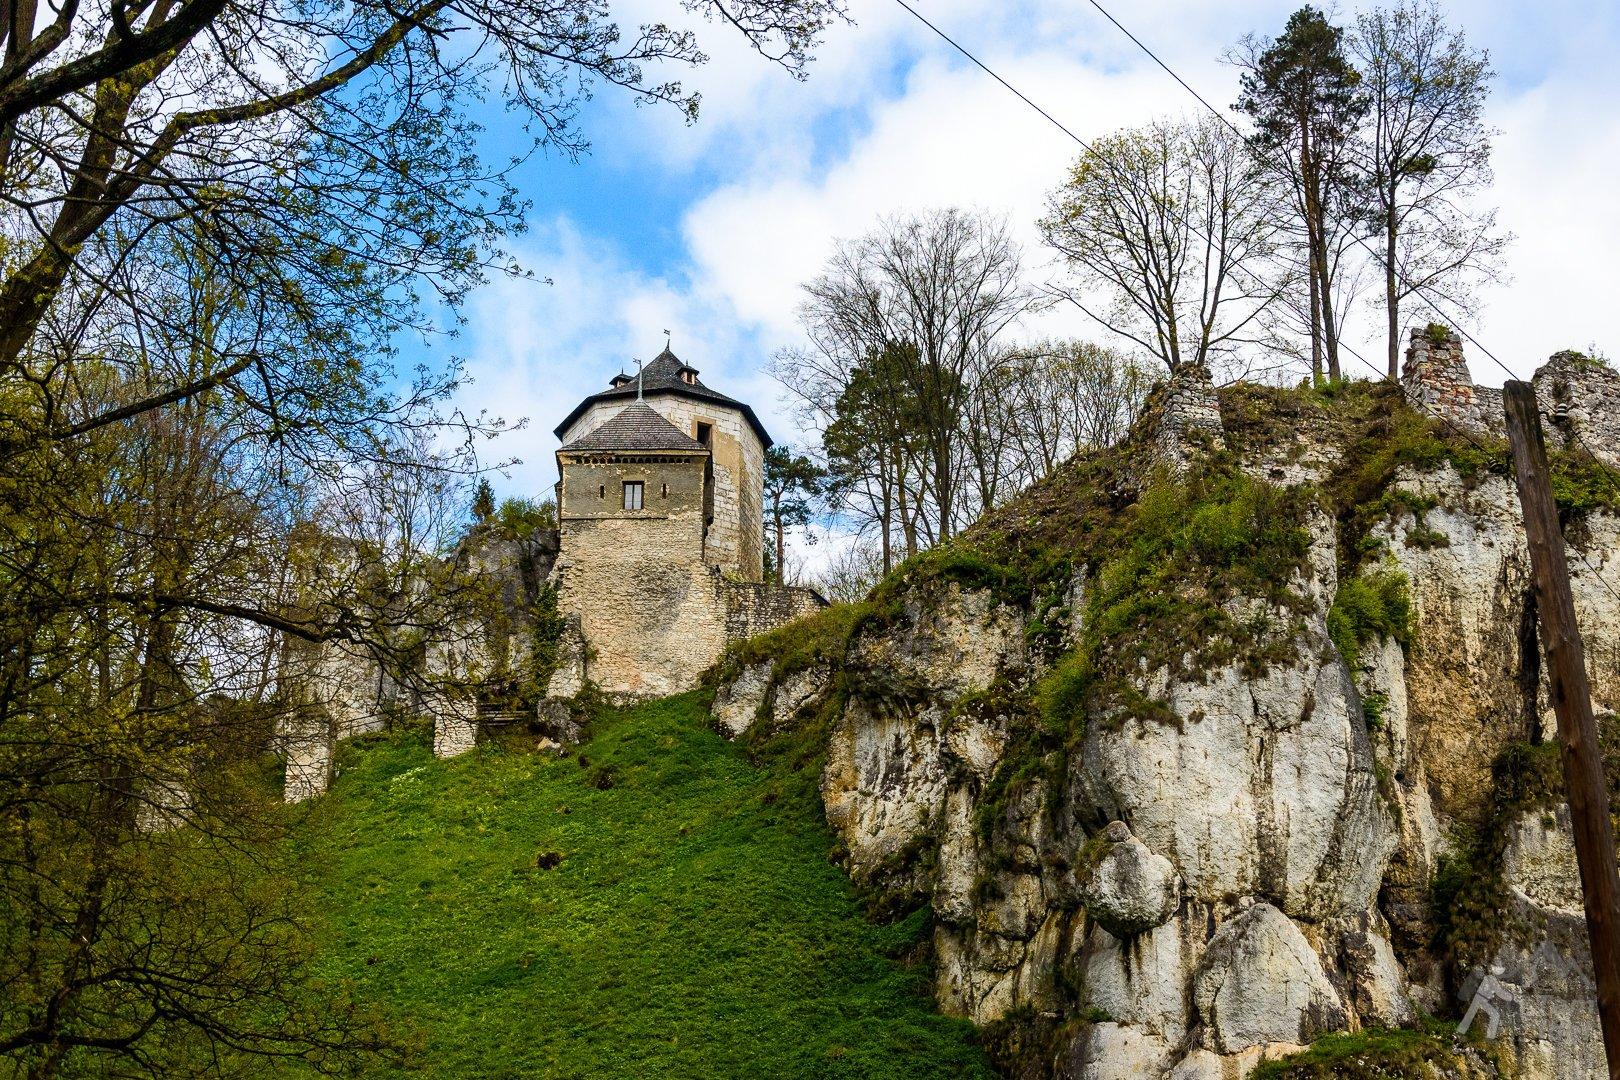 Zamek w Ojcowie wczesną wiosną